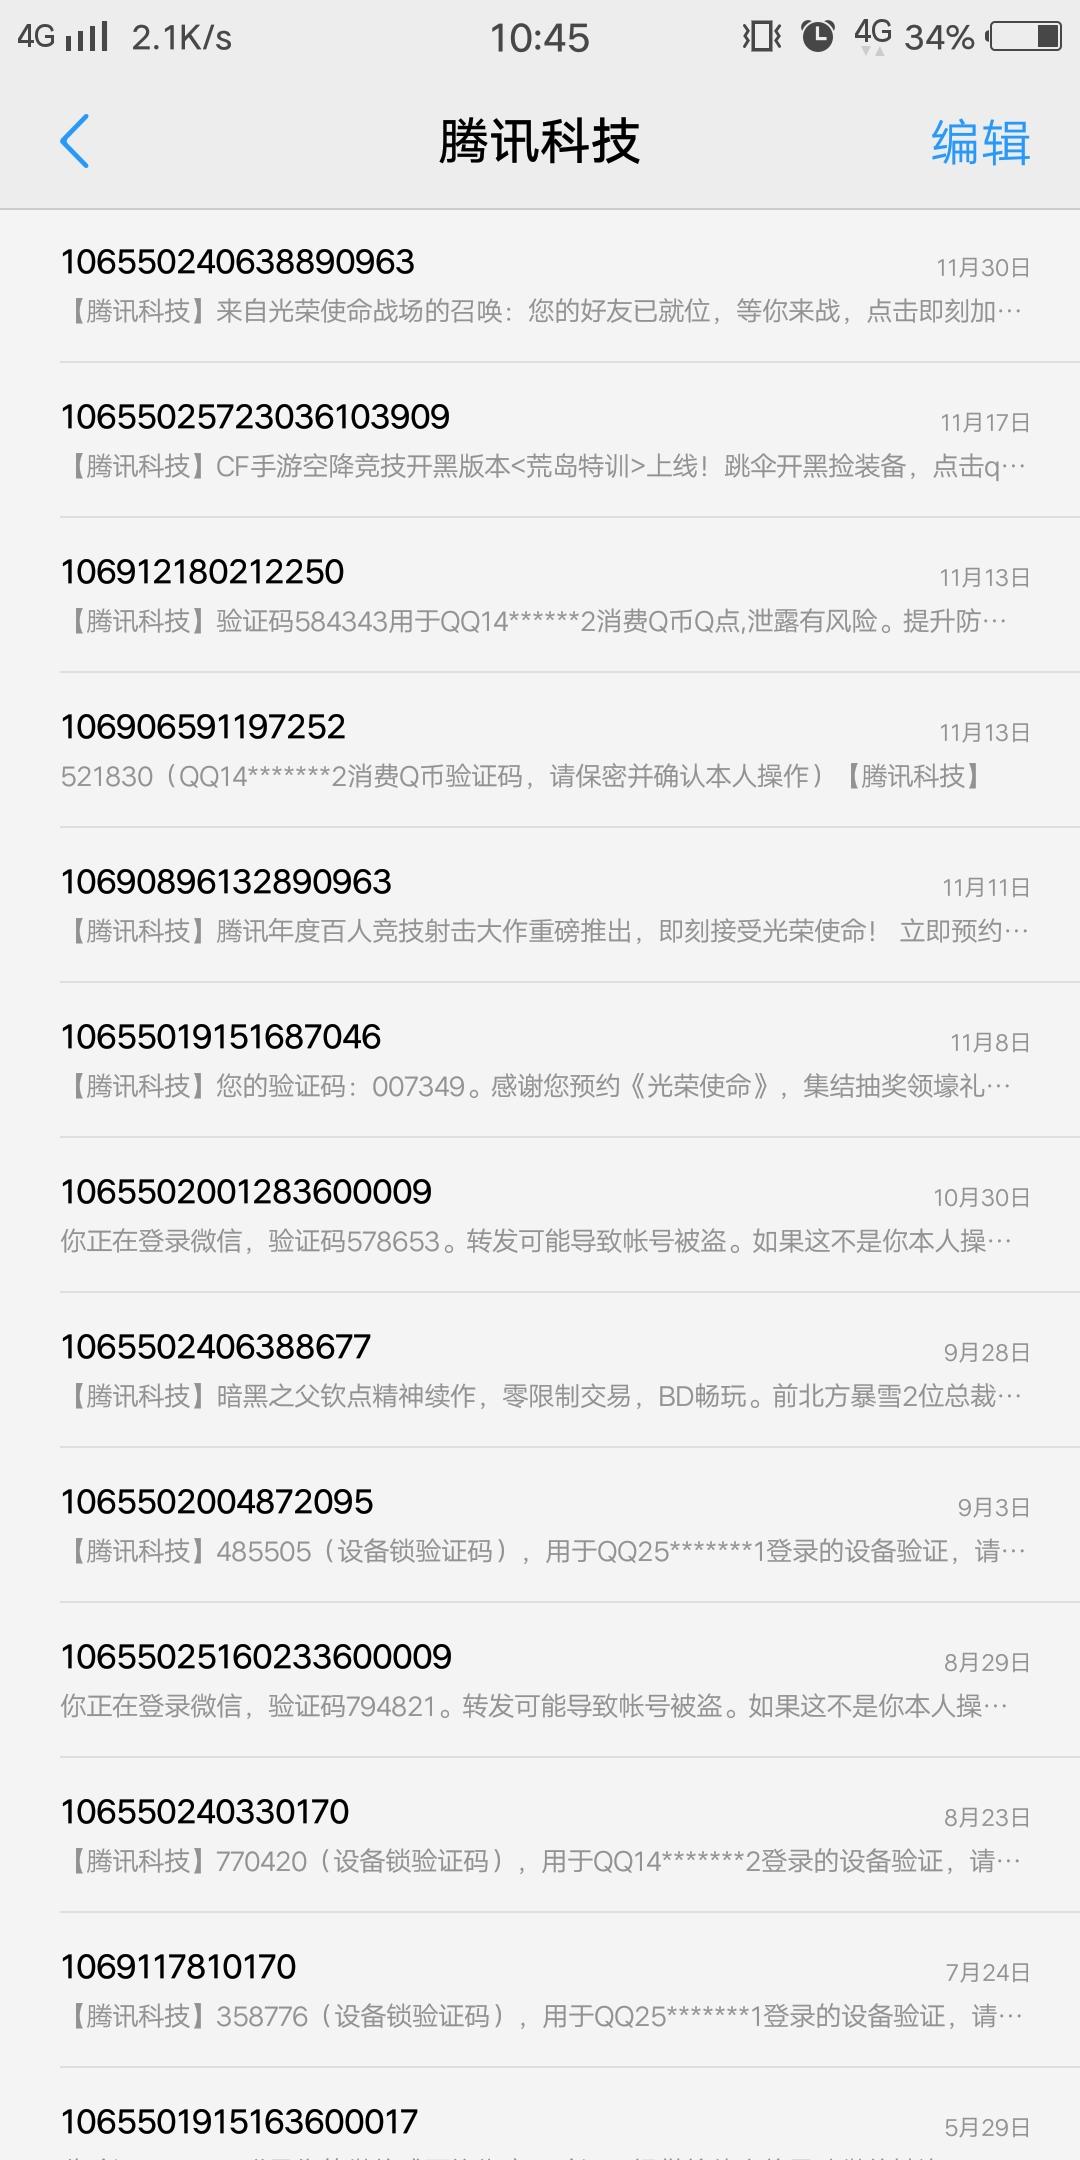 Screenshot_20171205_104501.jpg